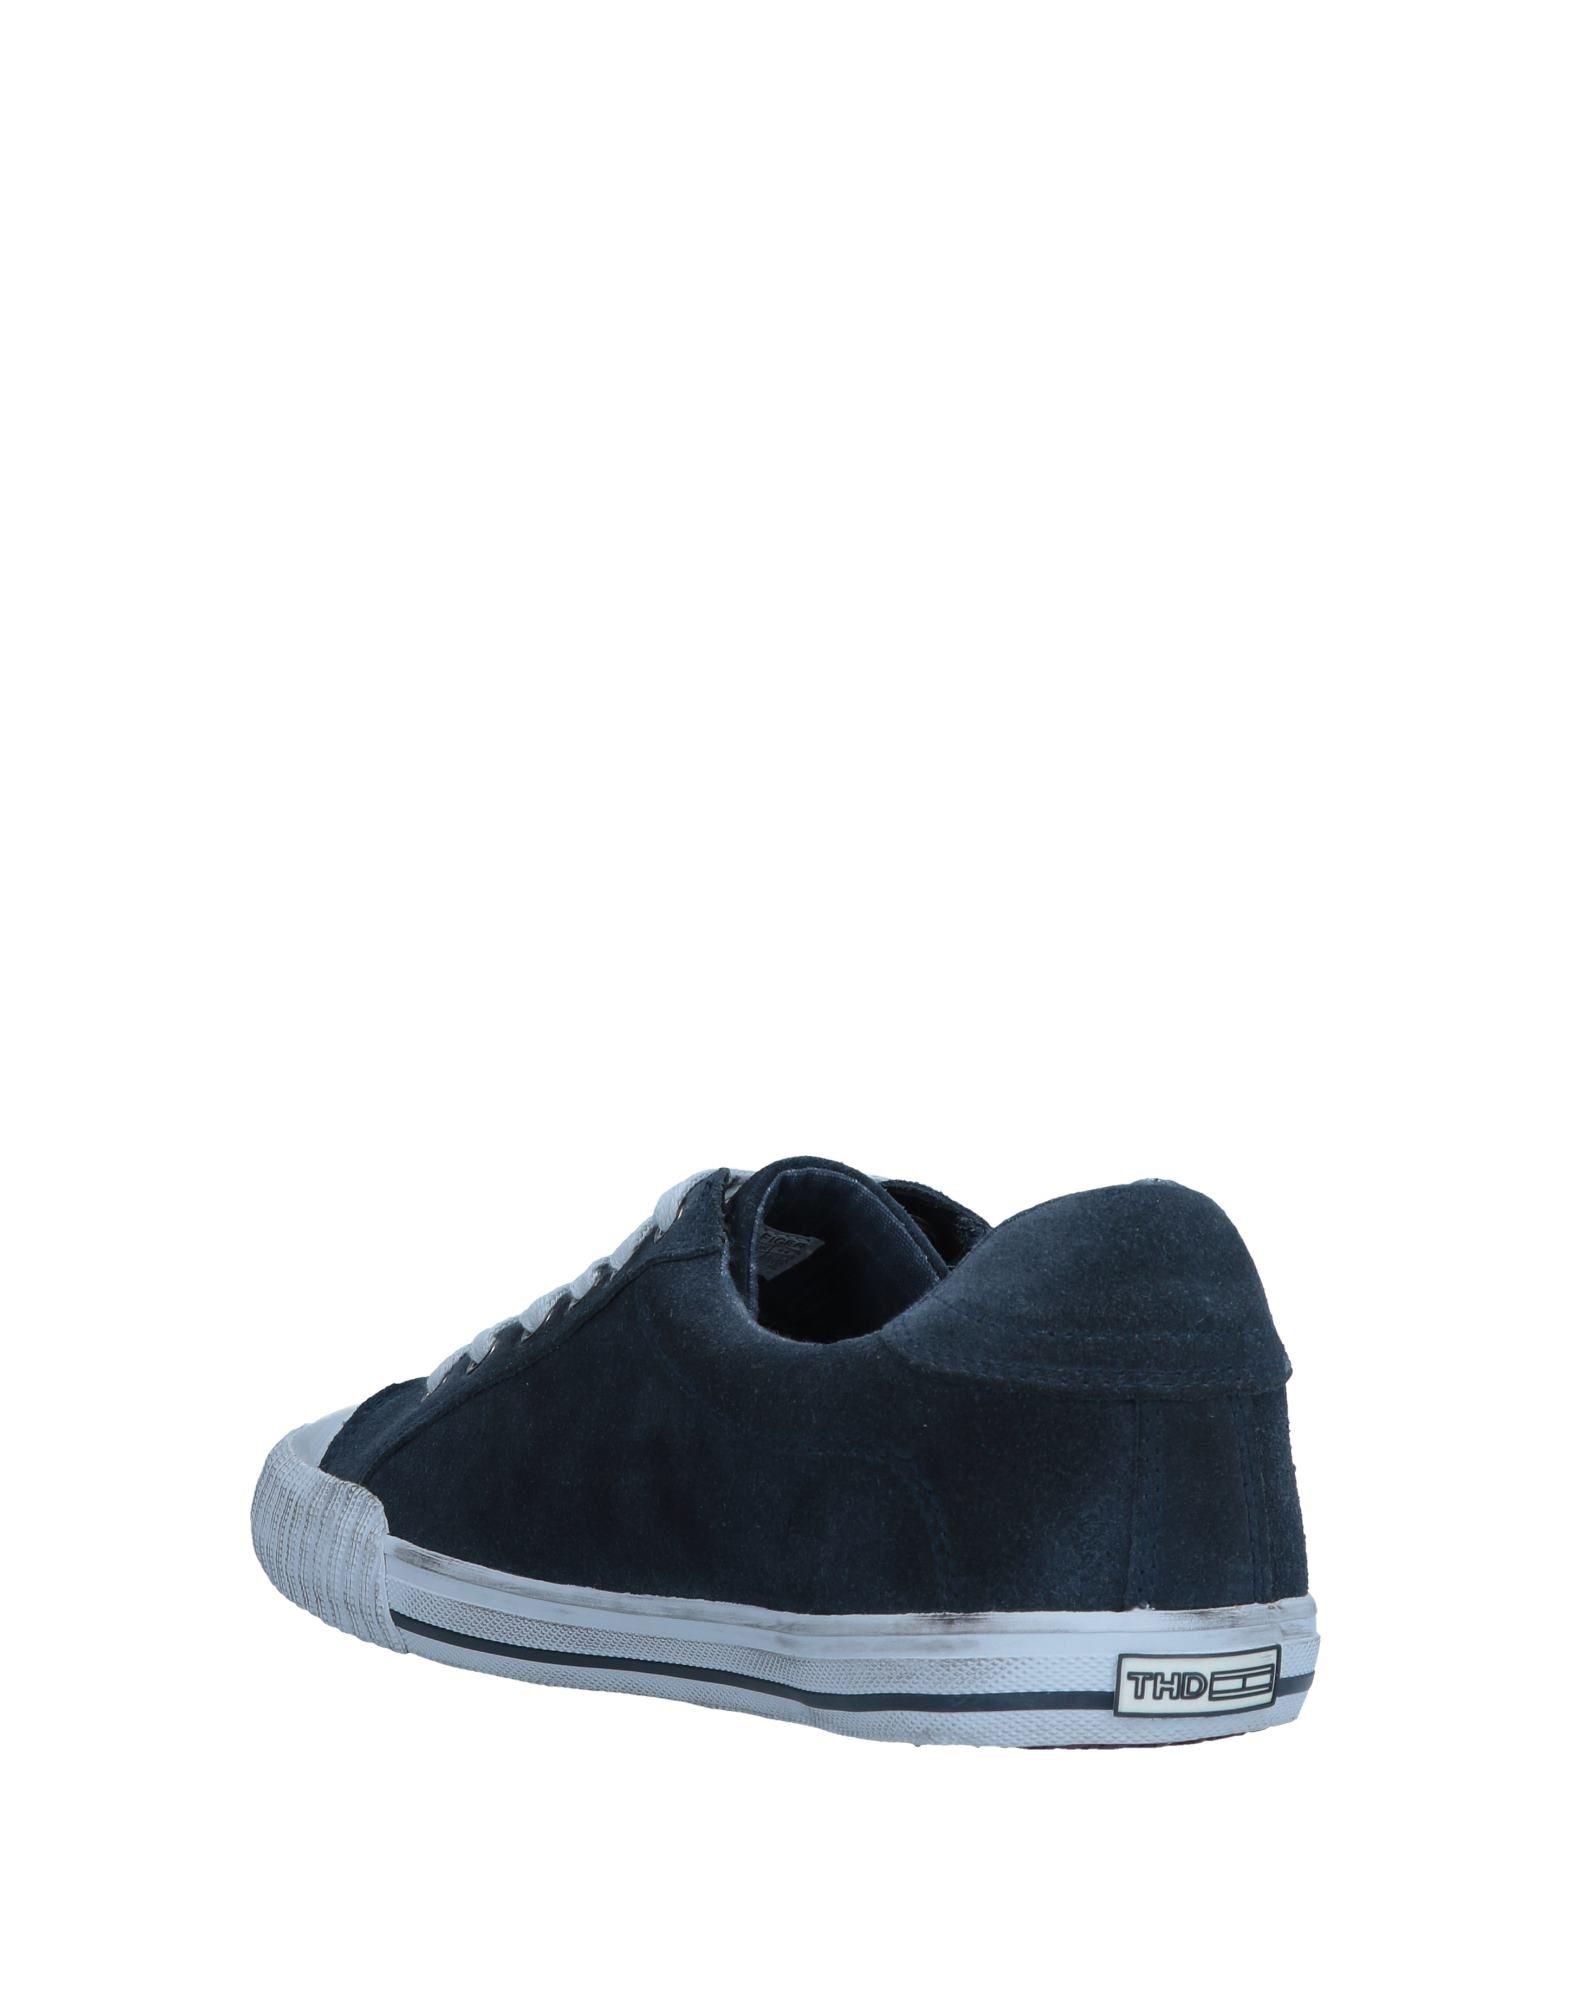 Rabatt Hilfiger echte Schuhe Tommy Hilfiger Rabatt Sneakers Herren  11545743LO 472c0f